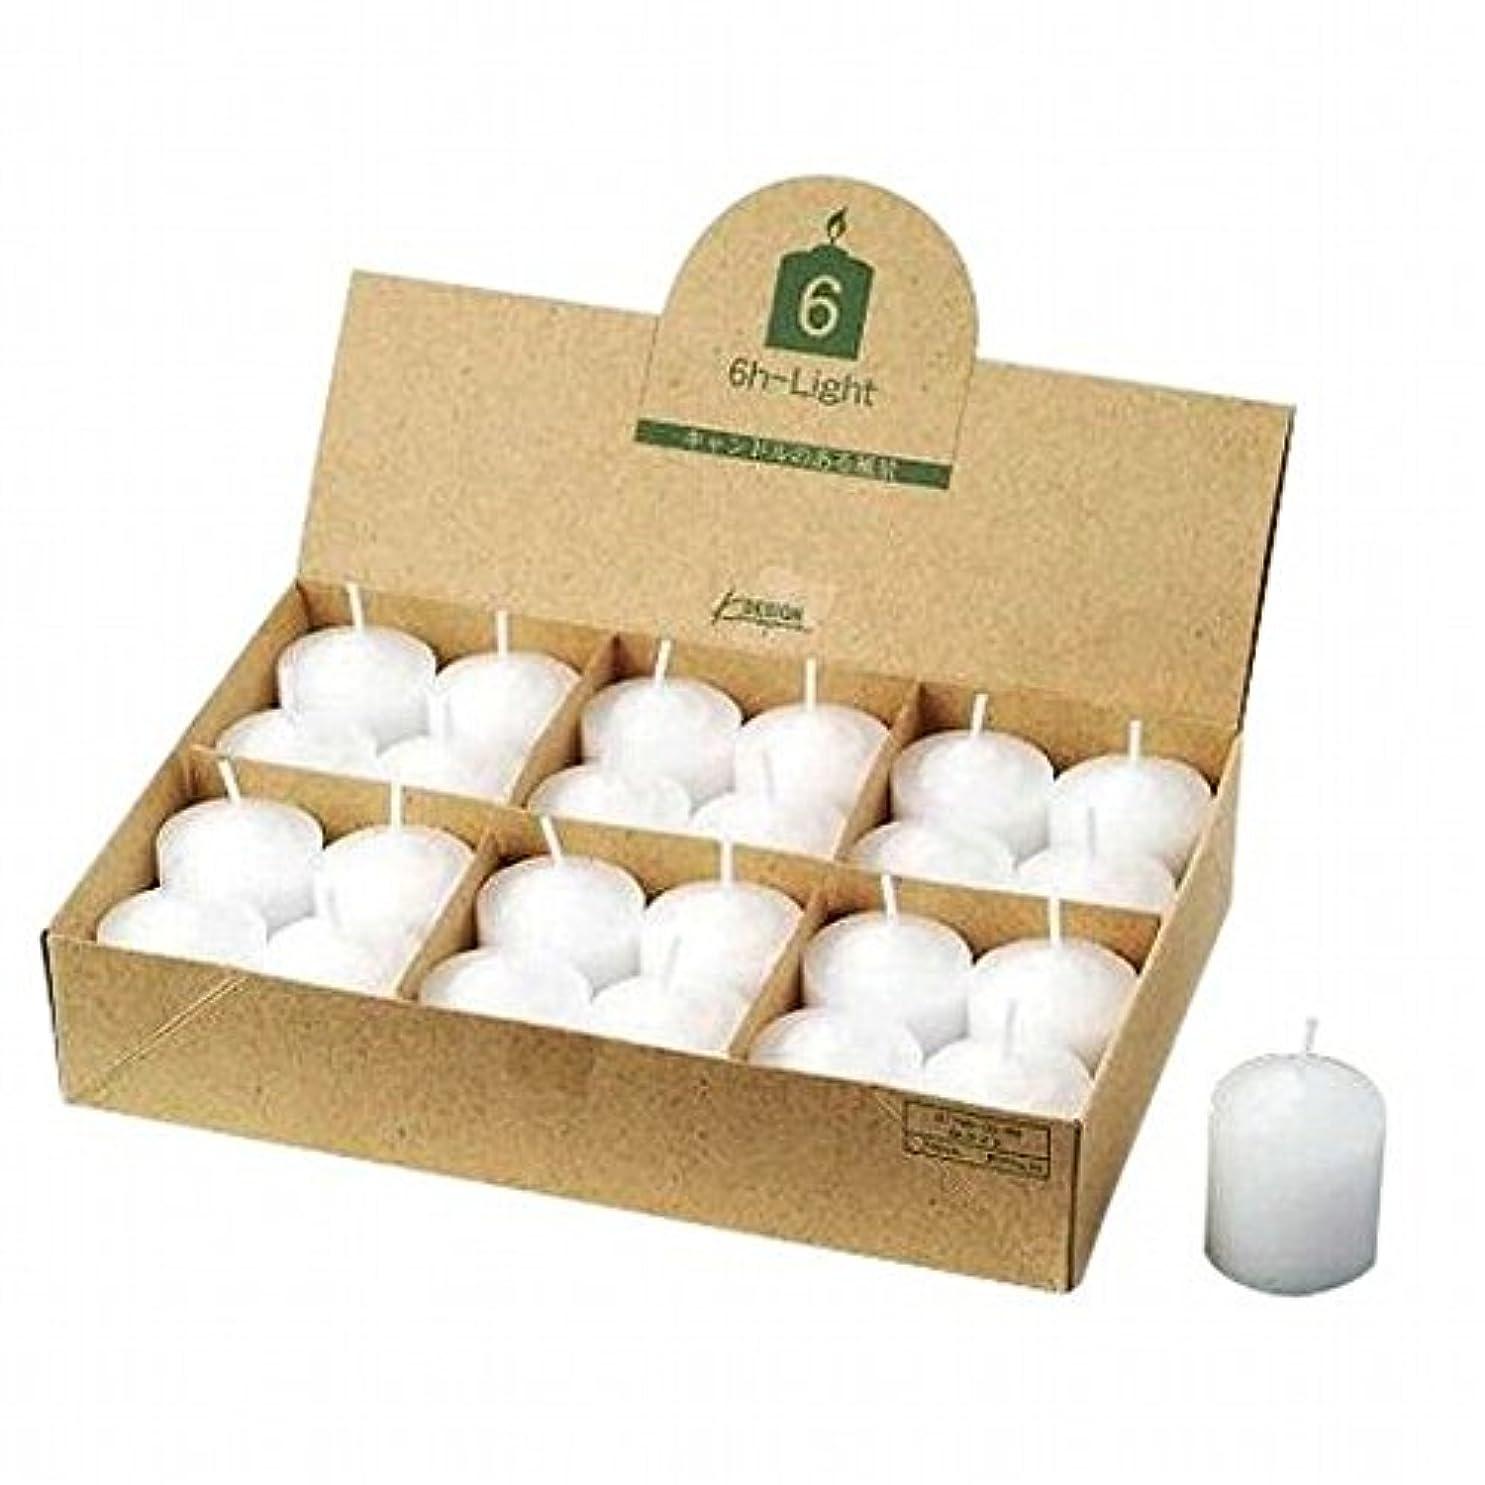 不要寄付する哲学kameyama candle(カメヤマキャンドル) 6Hライト(6時間タイプ)24個入り(日本製)(77960099)